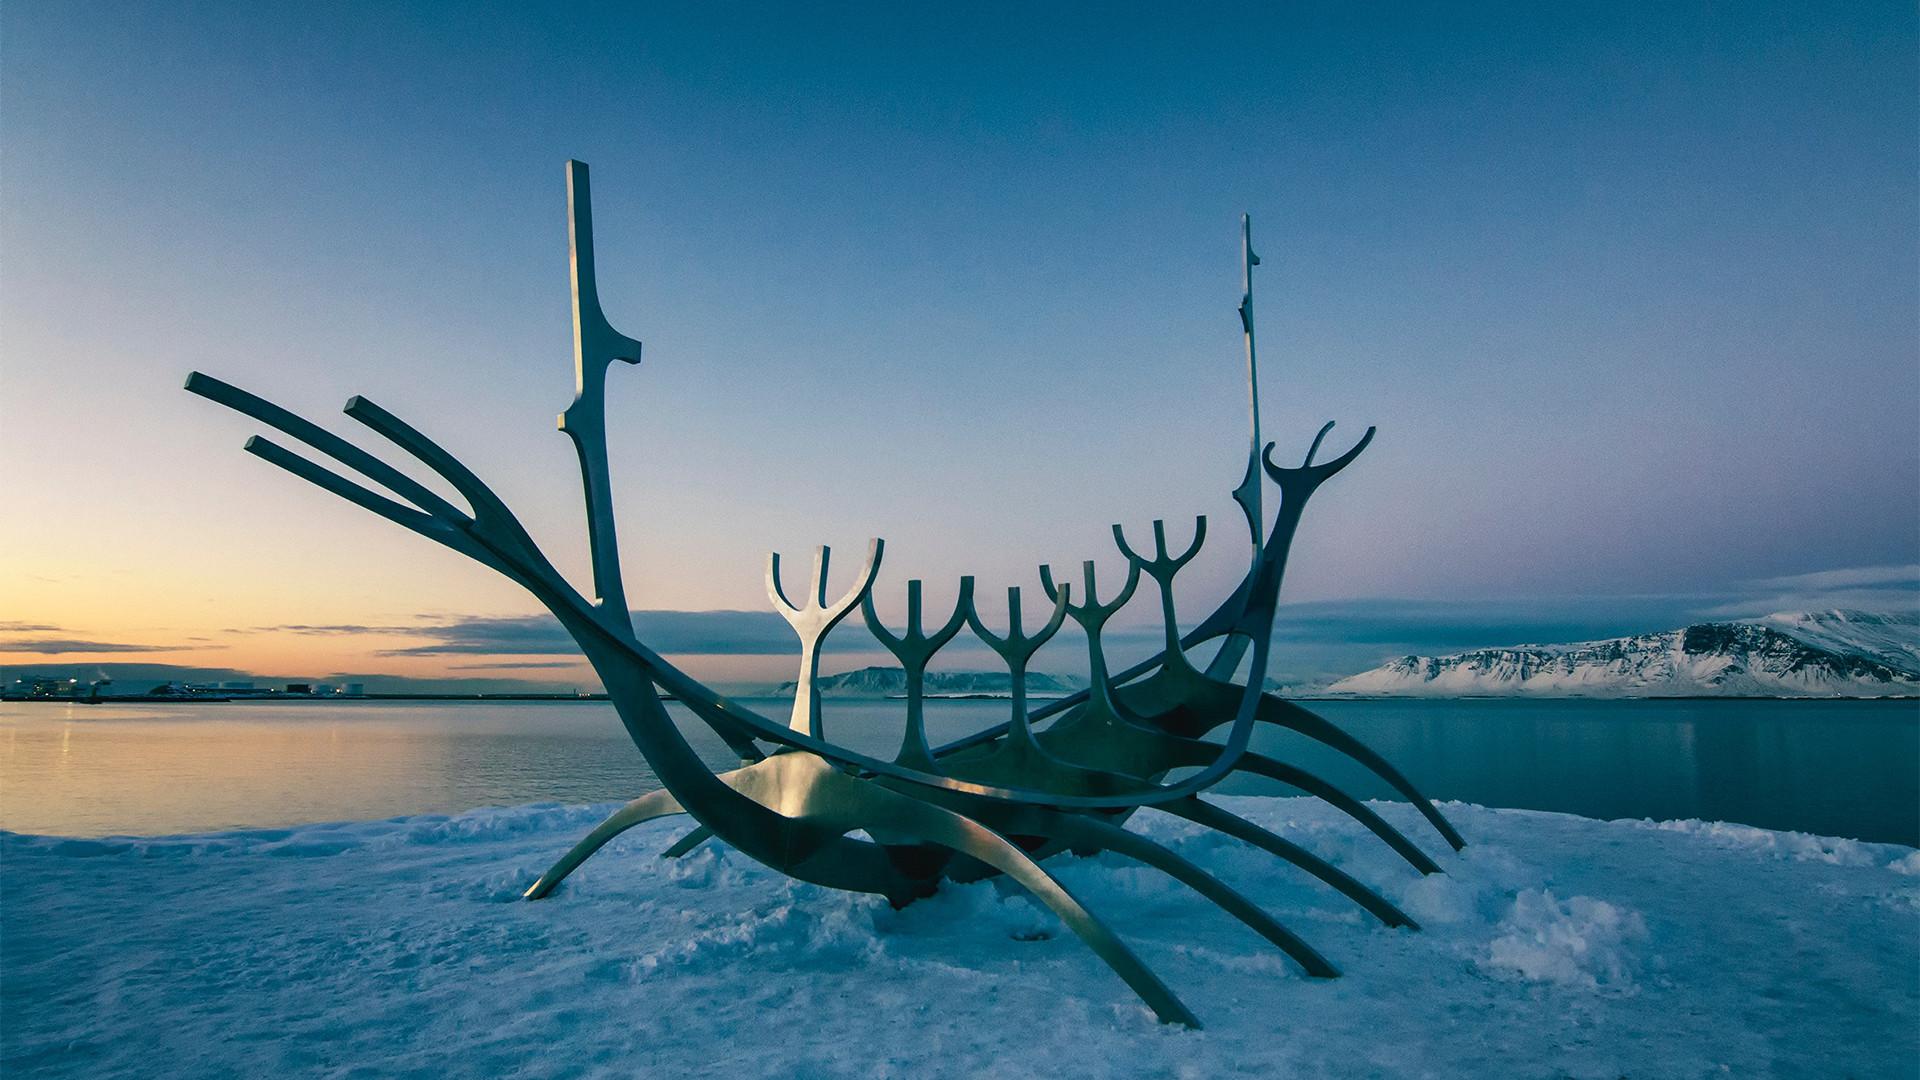 viking boat on ice